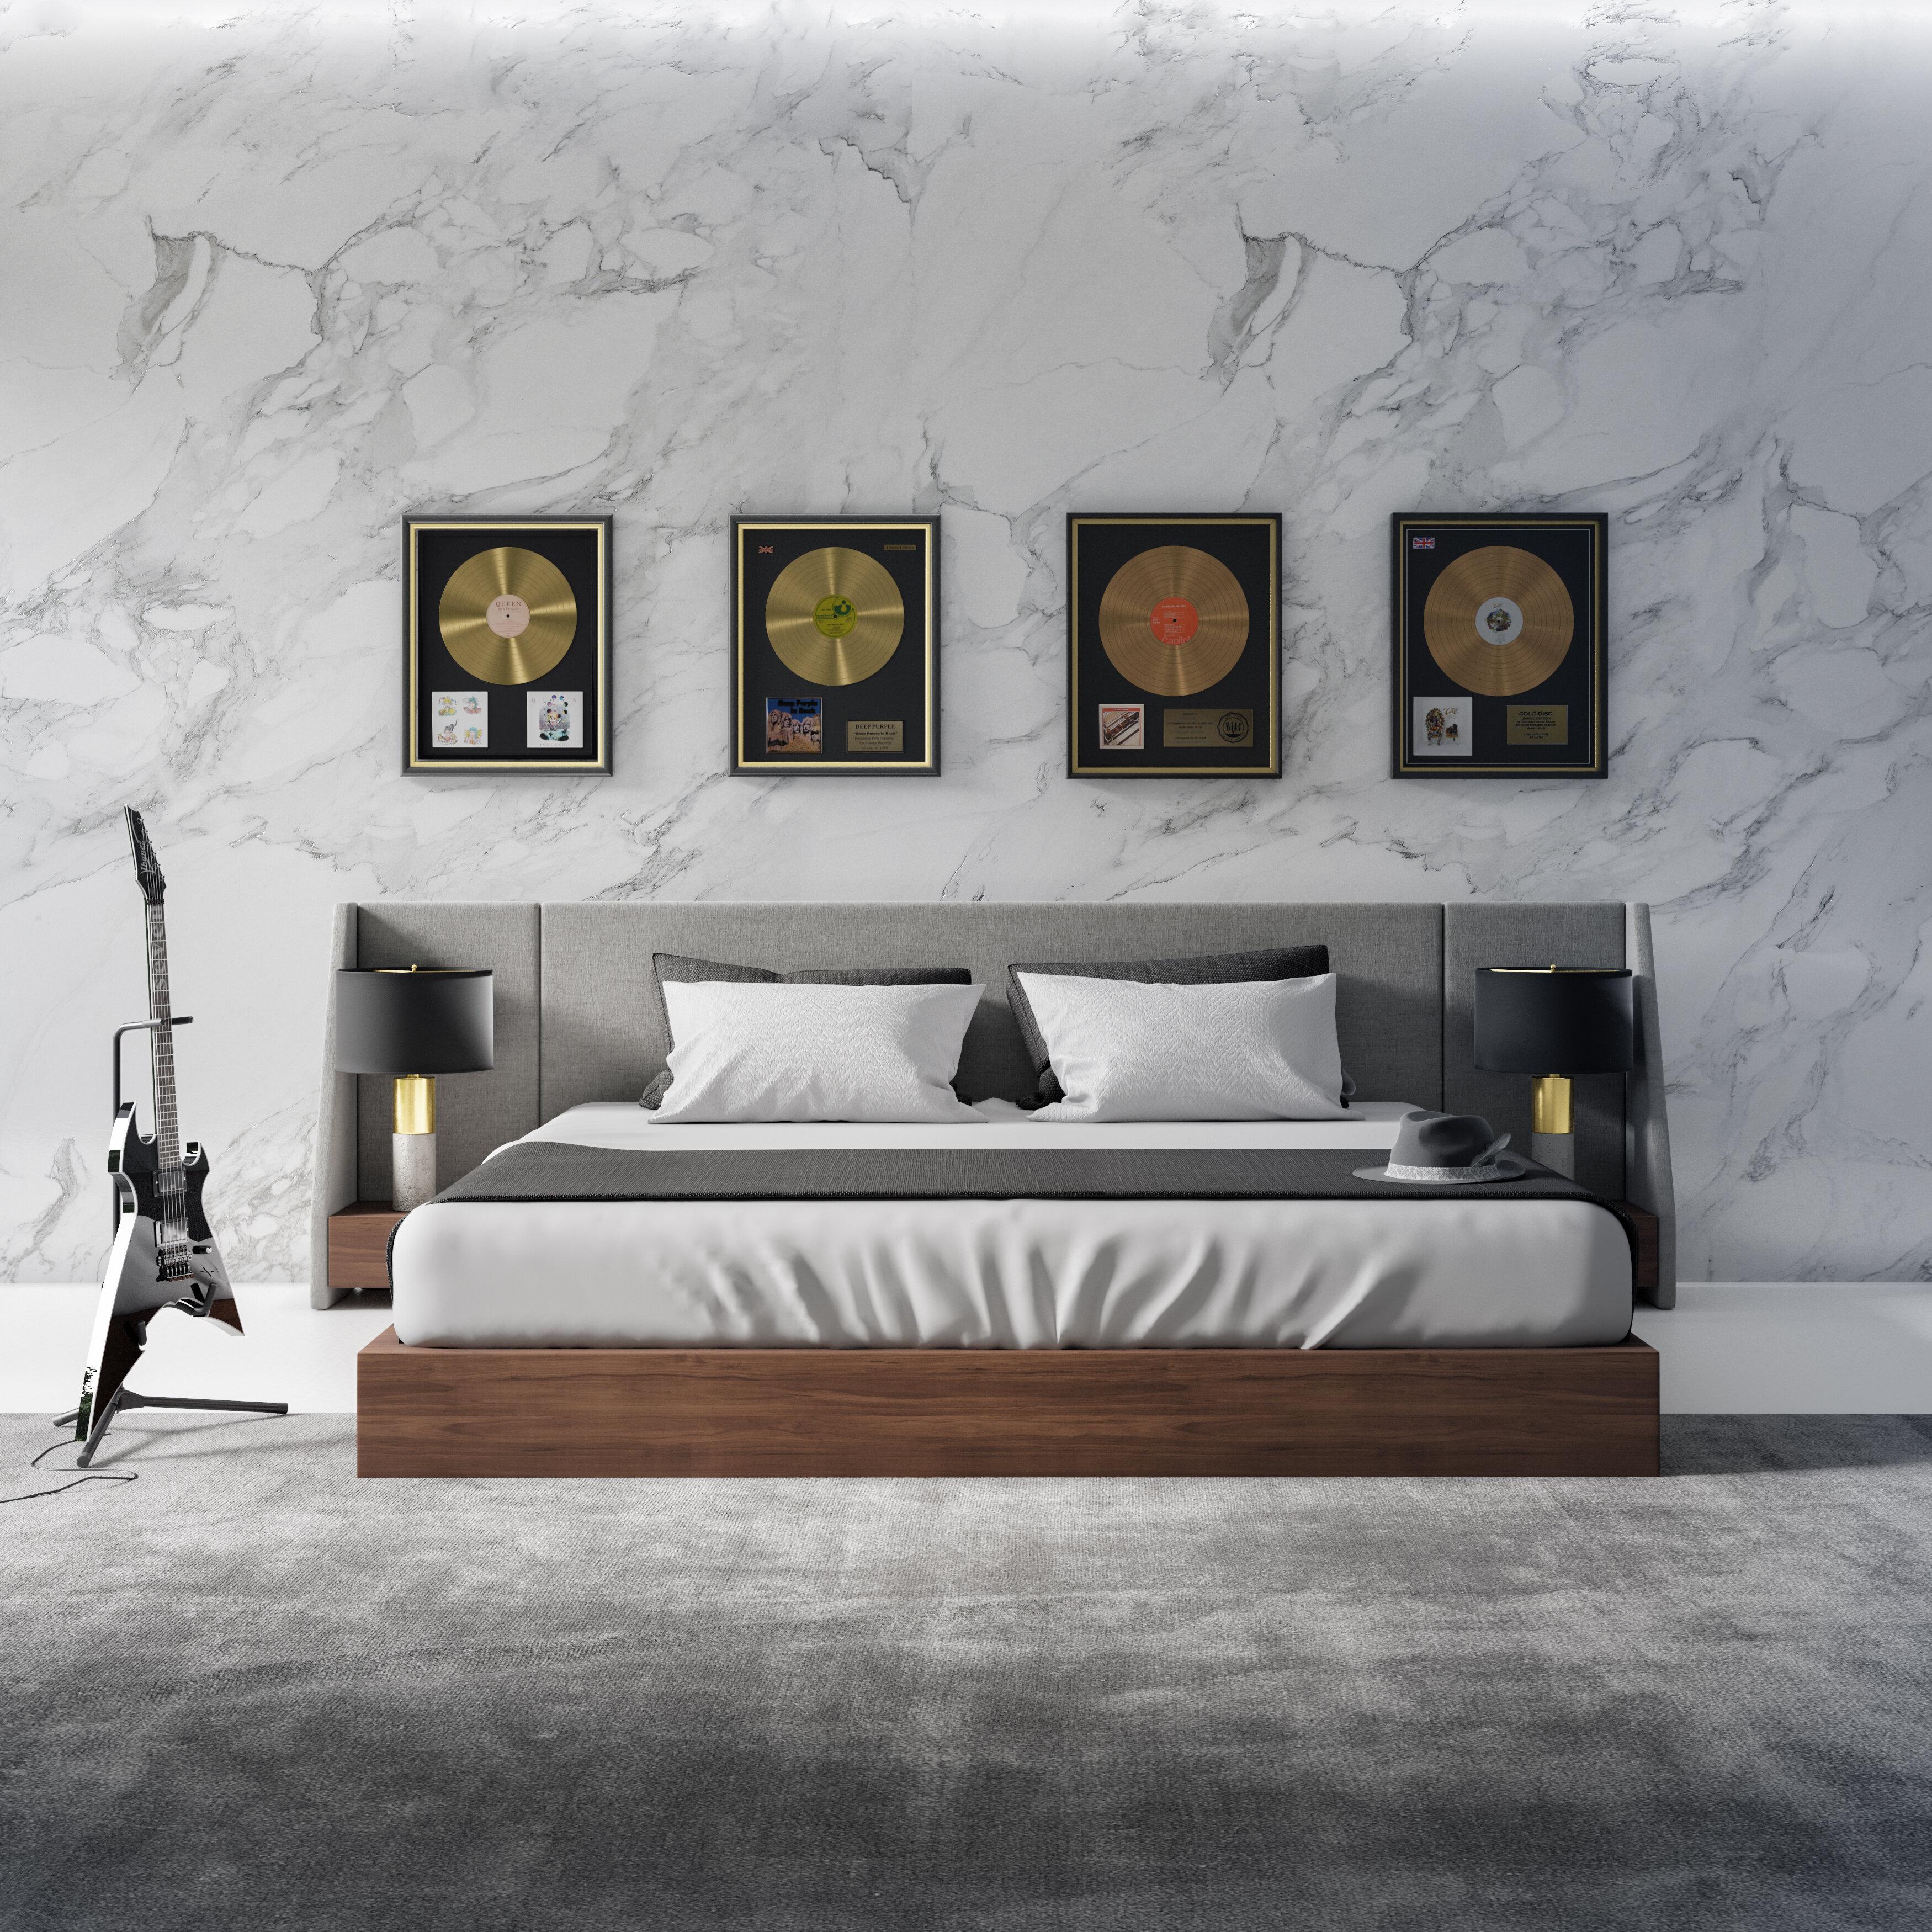 Amboise Upholstered Low Profile Platform Bed Set Reviews Allmodern